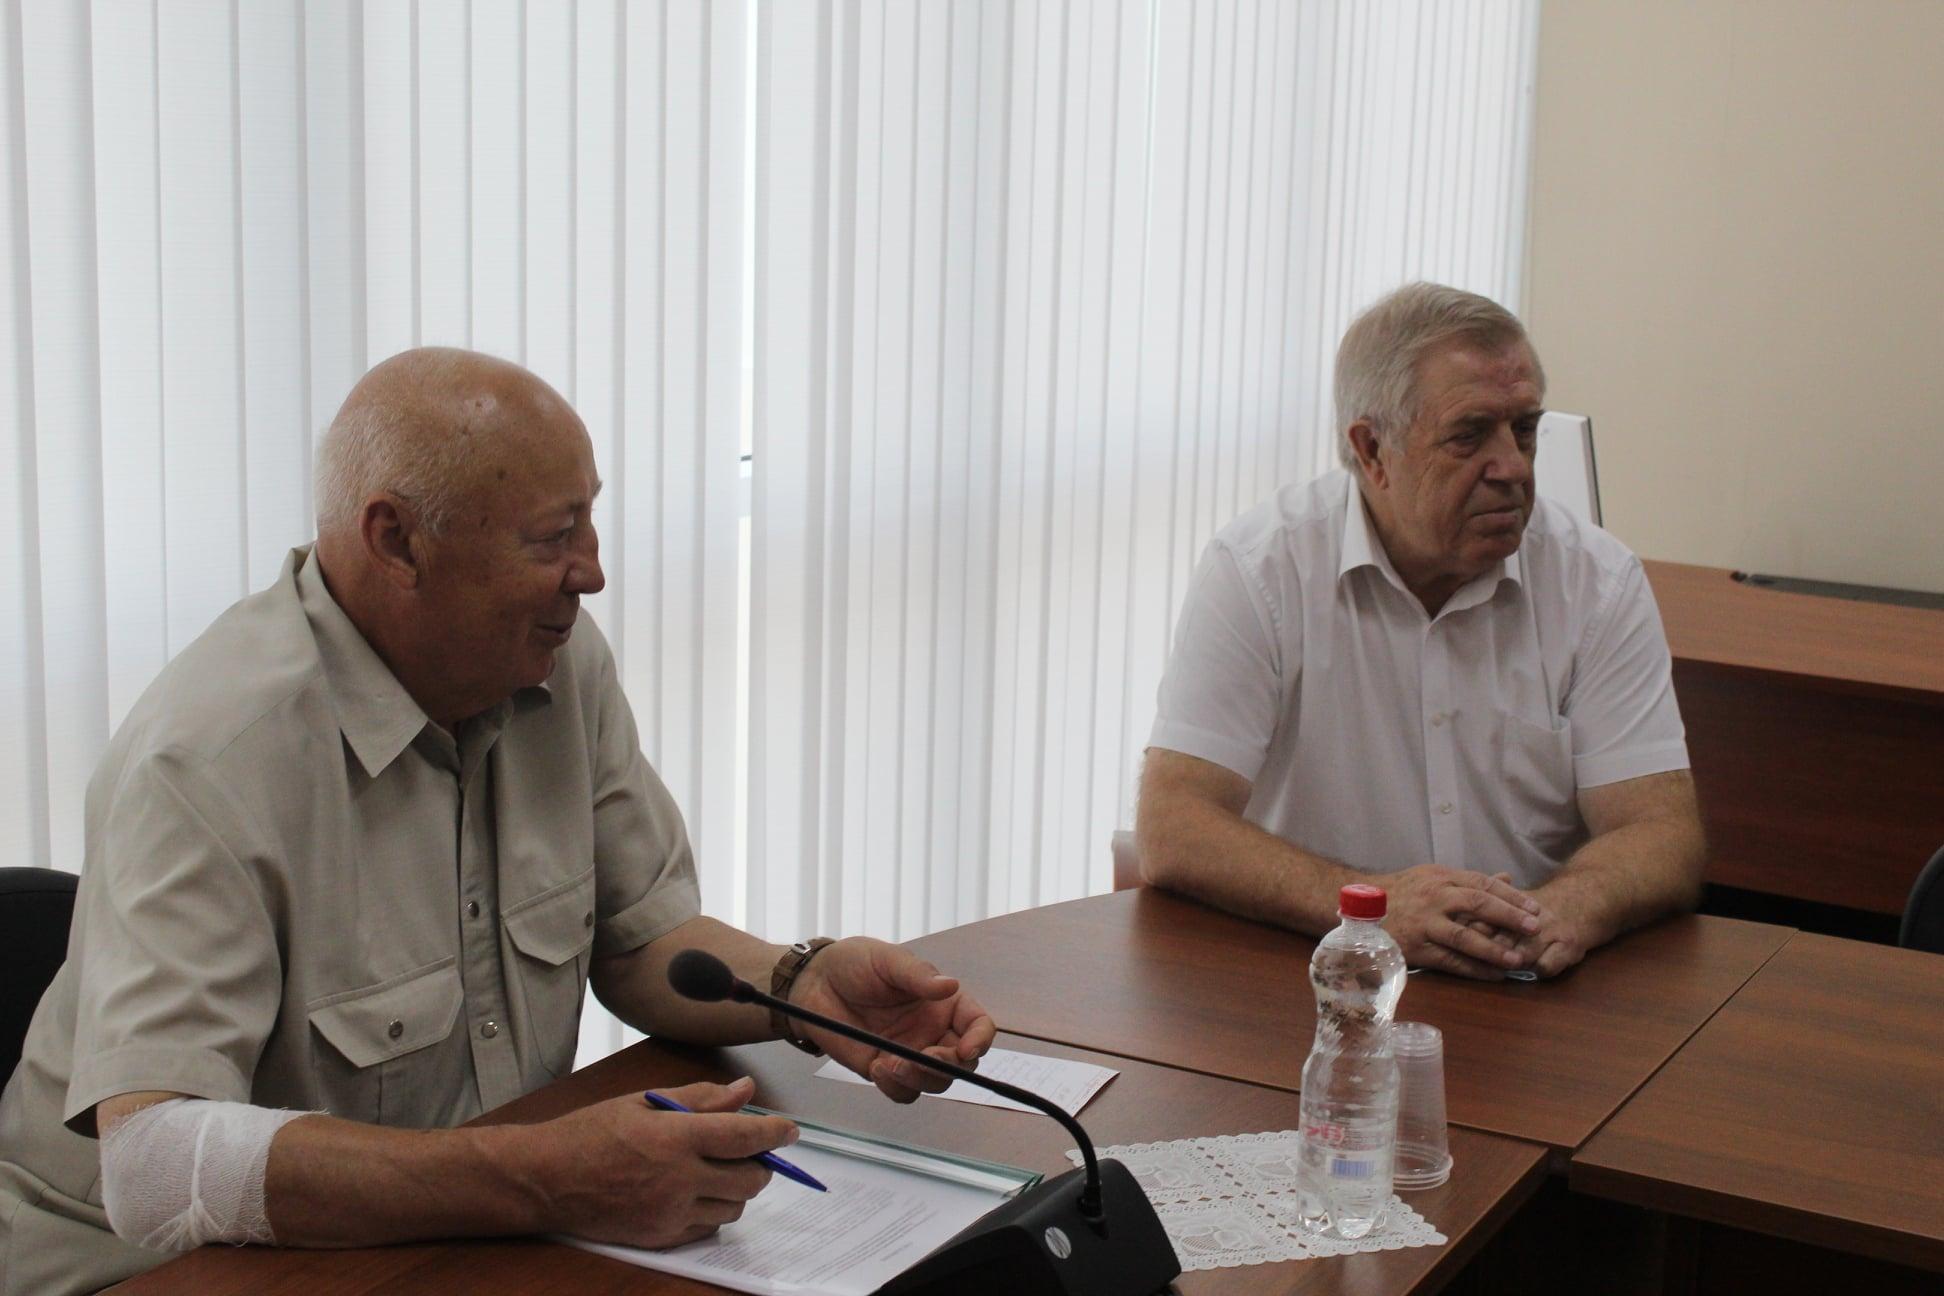 Тамбовское отделение РВИО подписало соглашение с Росгвардией о сотрудничестве